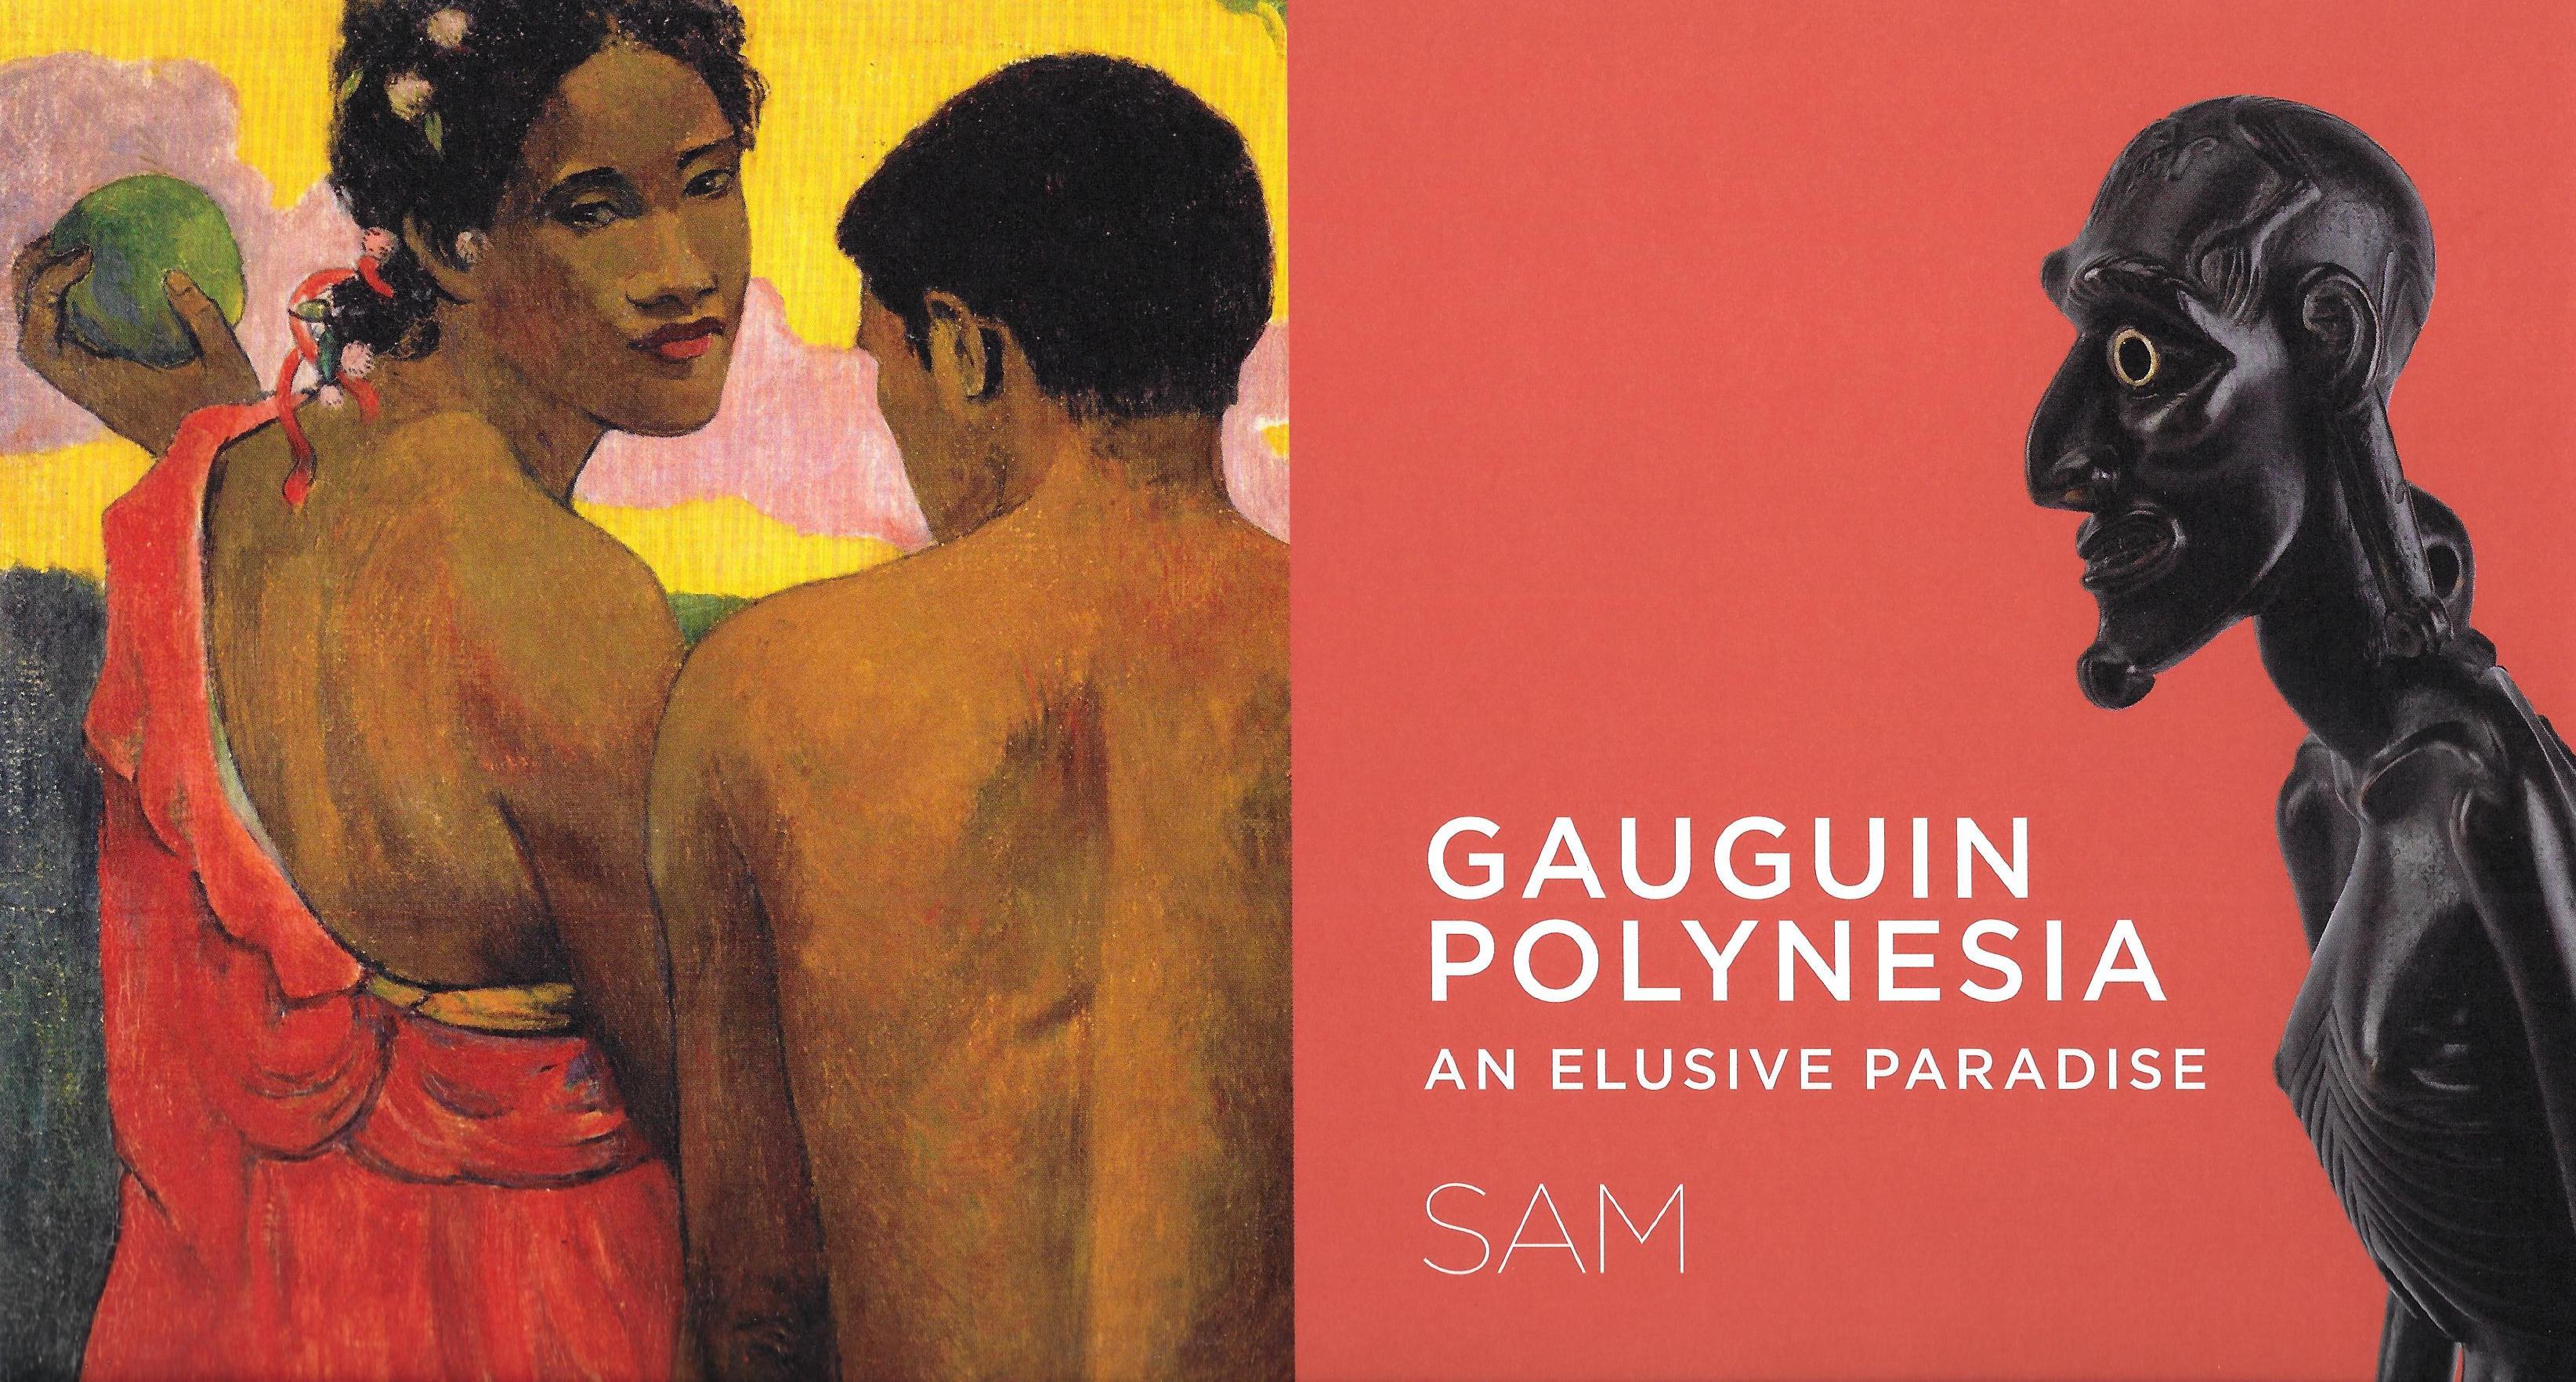 ผลการค้นหารูปภาพสำหรับ paul gauguin polynesia